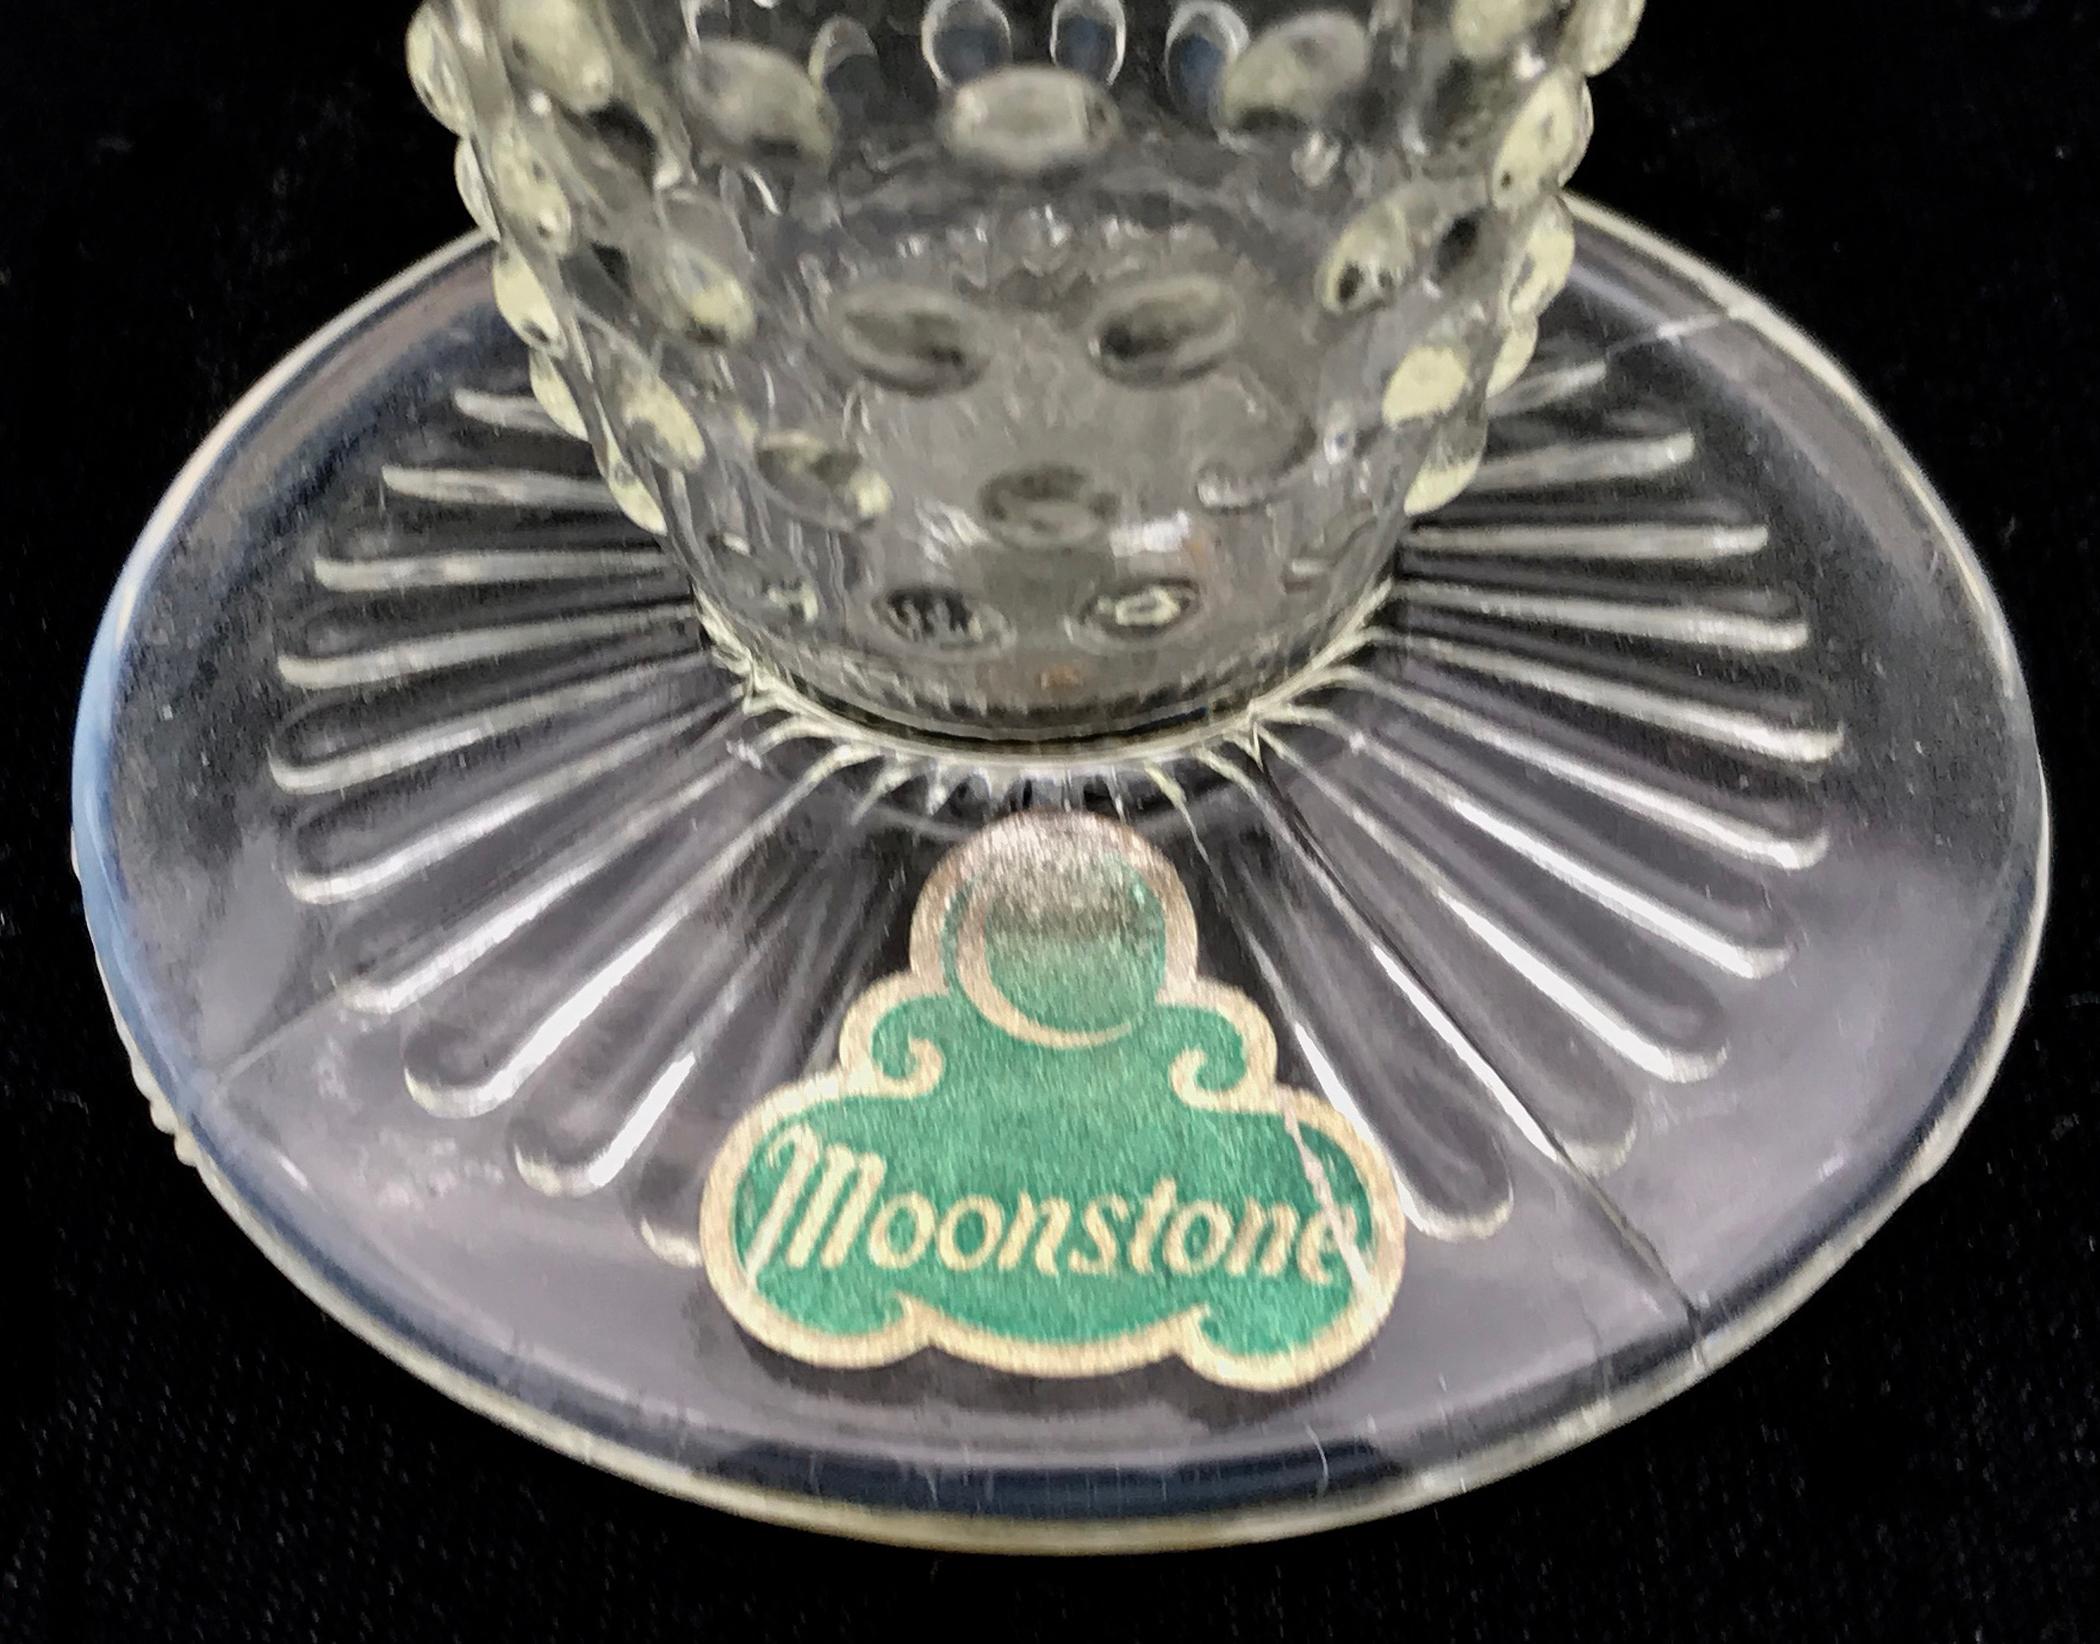 Anchor Hocking Moonstone Vase Base with Label